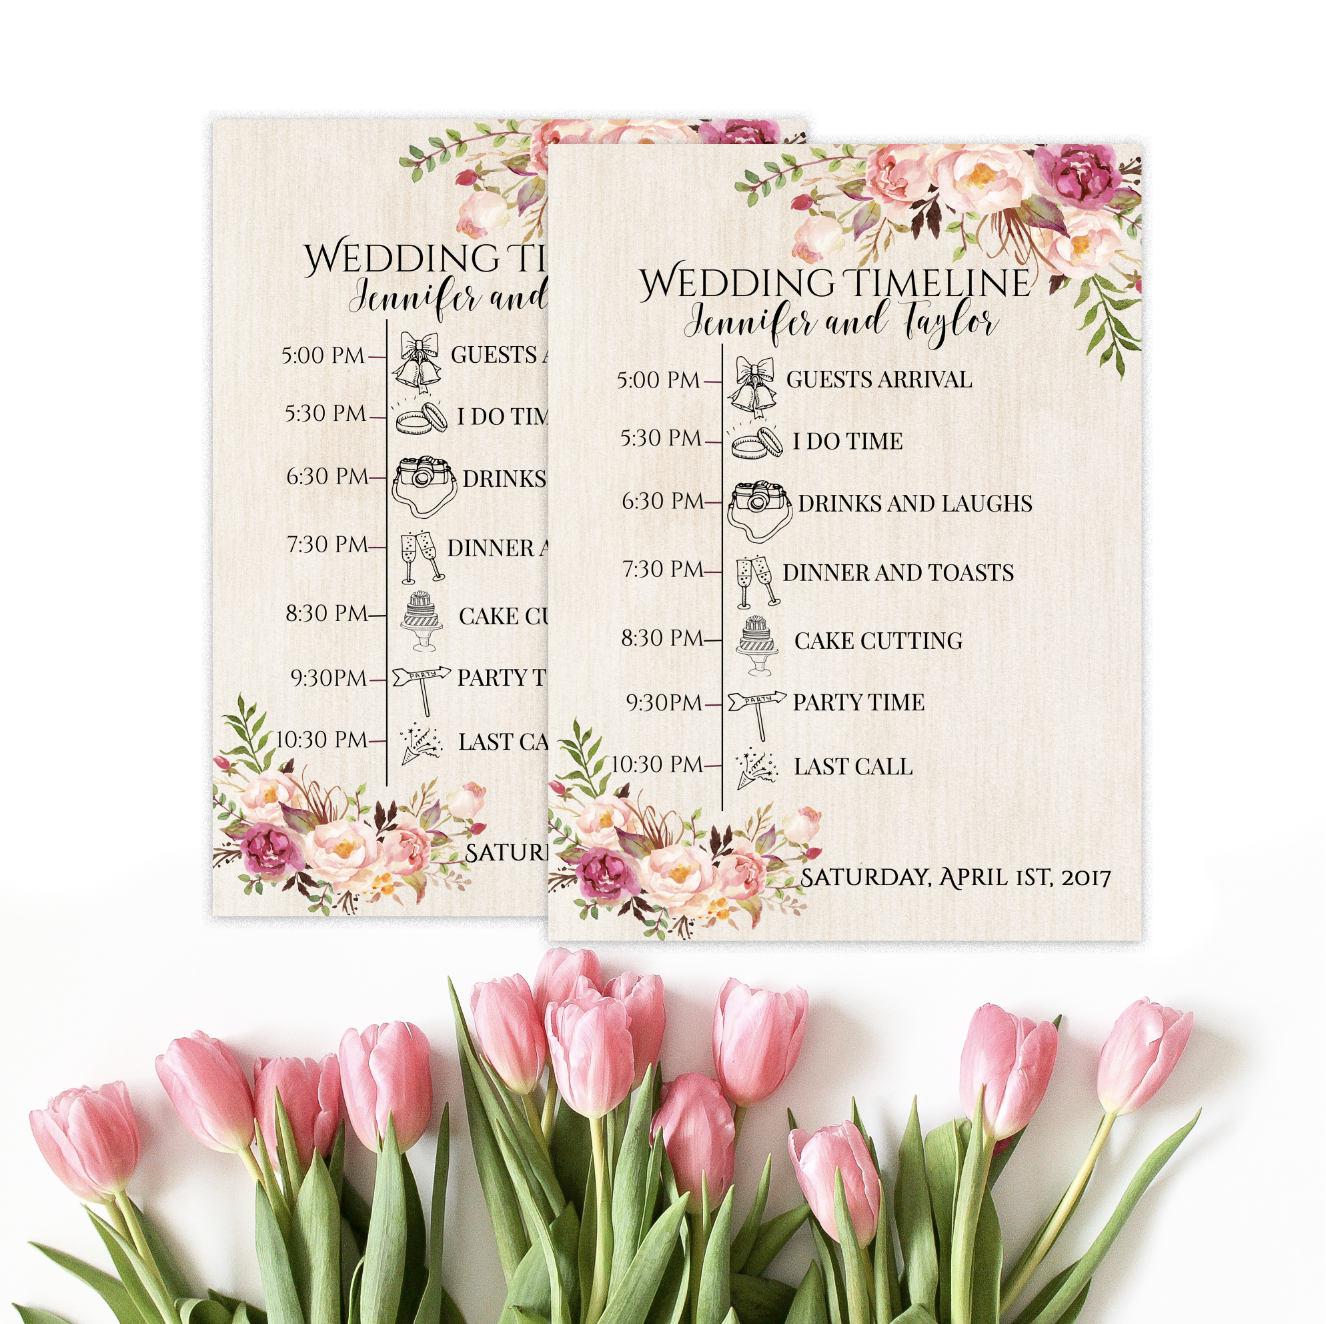 Hochzeit Timeline druckbare Timeline benutzerdefinierte